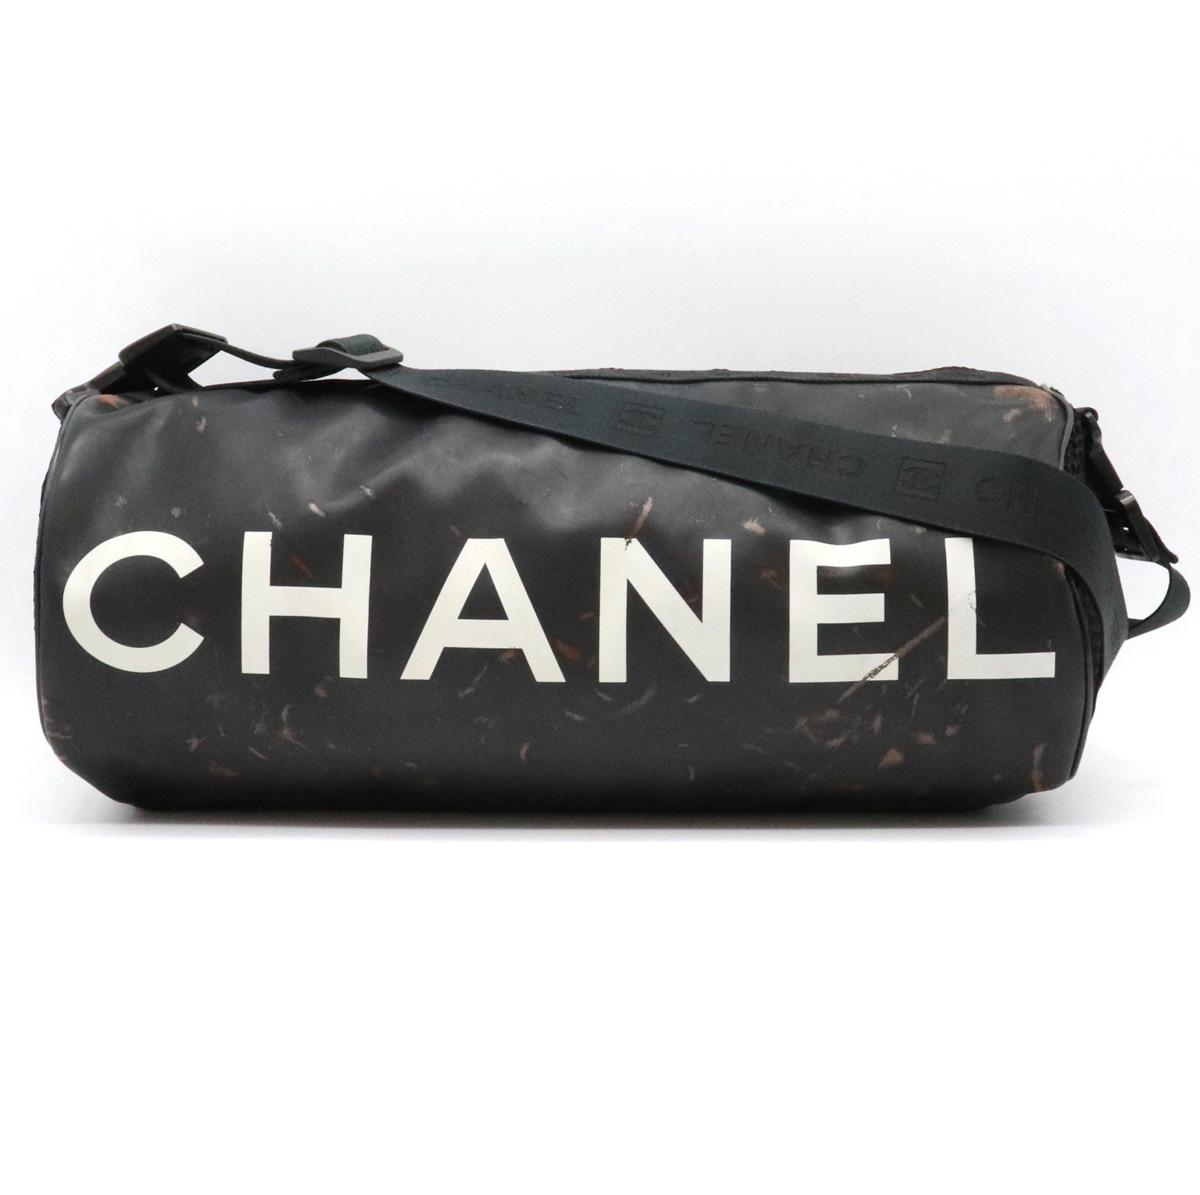 【バッグ】CHANEL シャネル スポーツライン ココマーク ショルダーバッグ 筒型 斜め掛け ラバー ナイロン ブラック 黒 ホワイト 白 A28561 【中古】